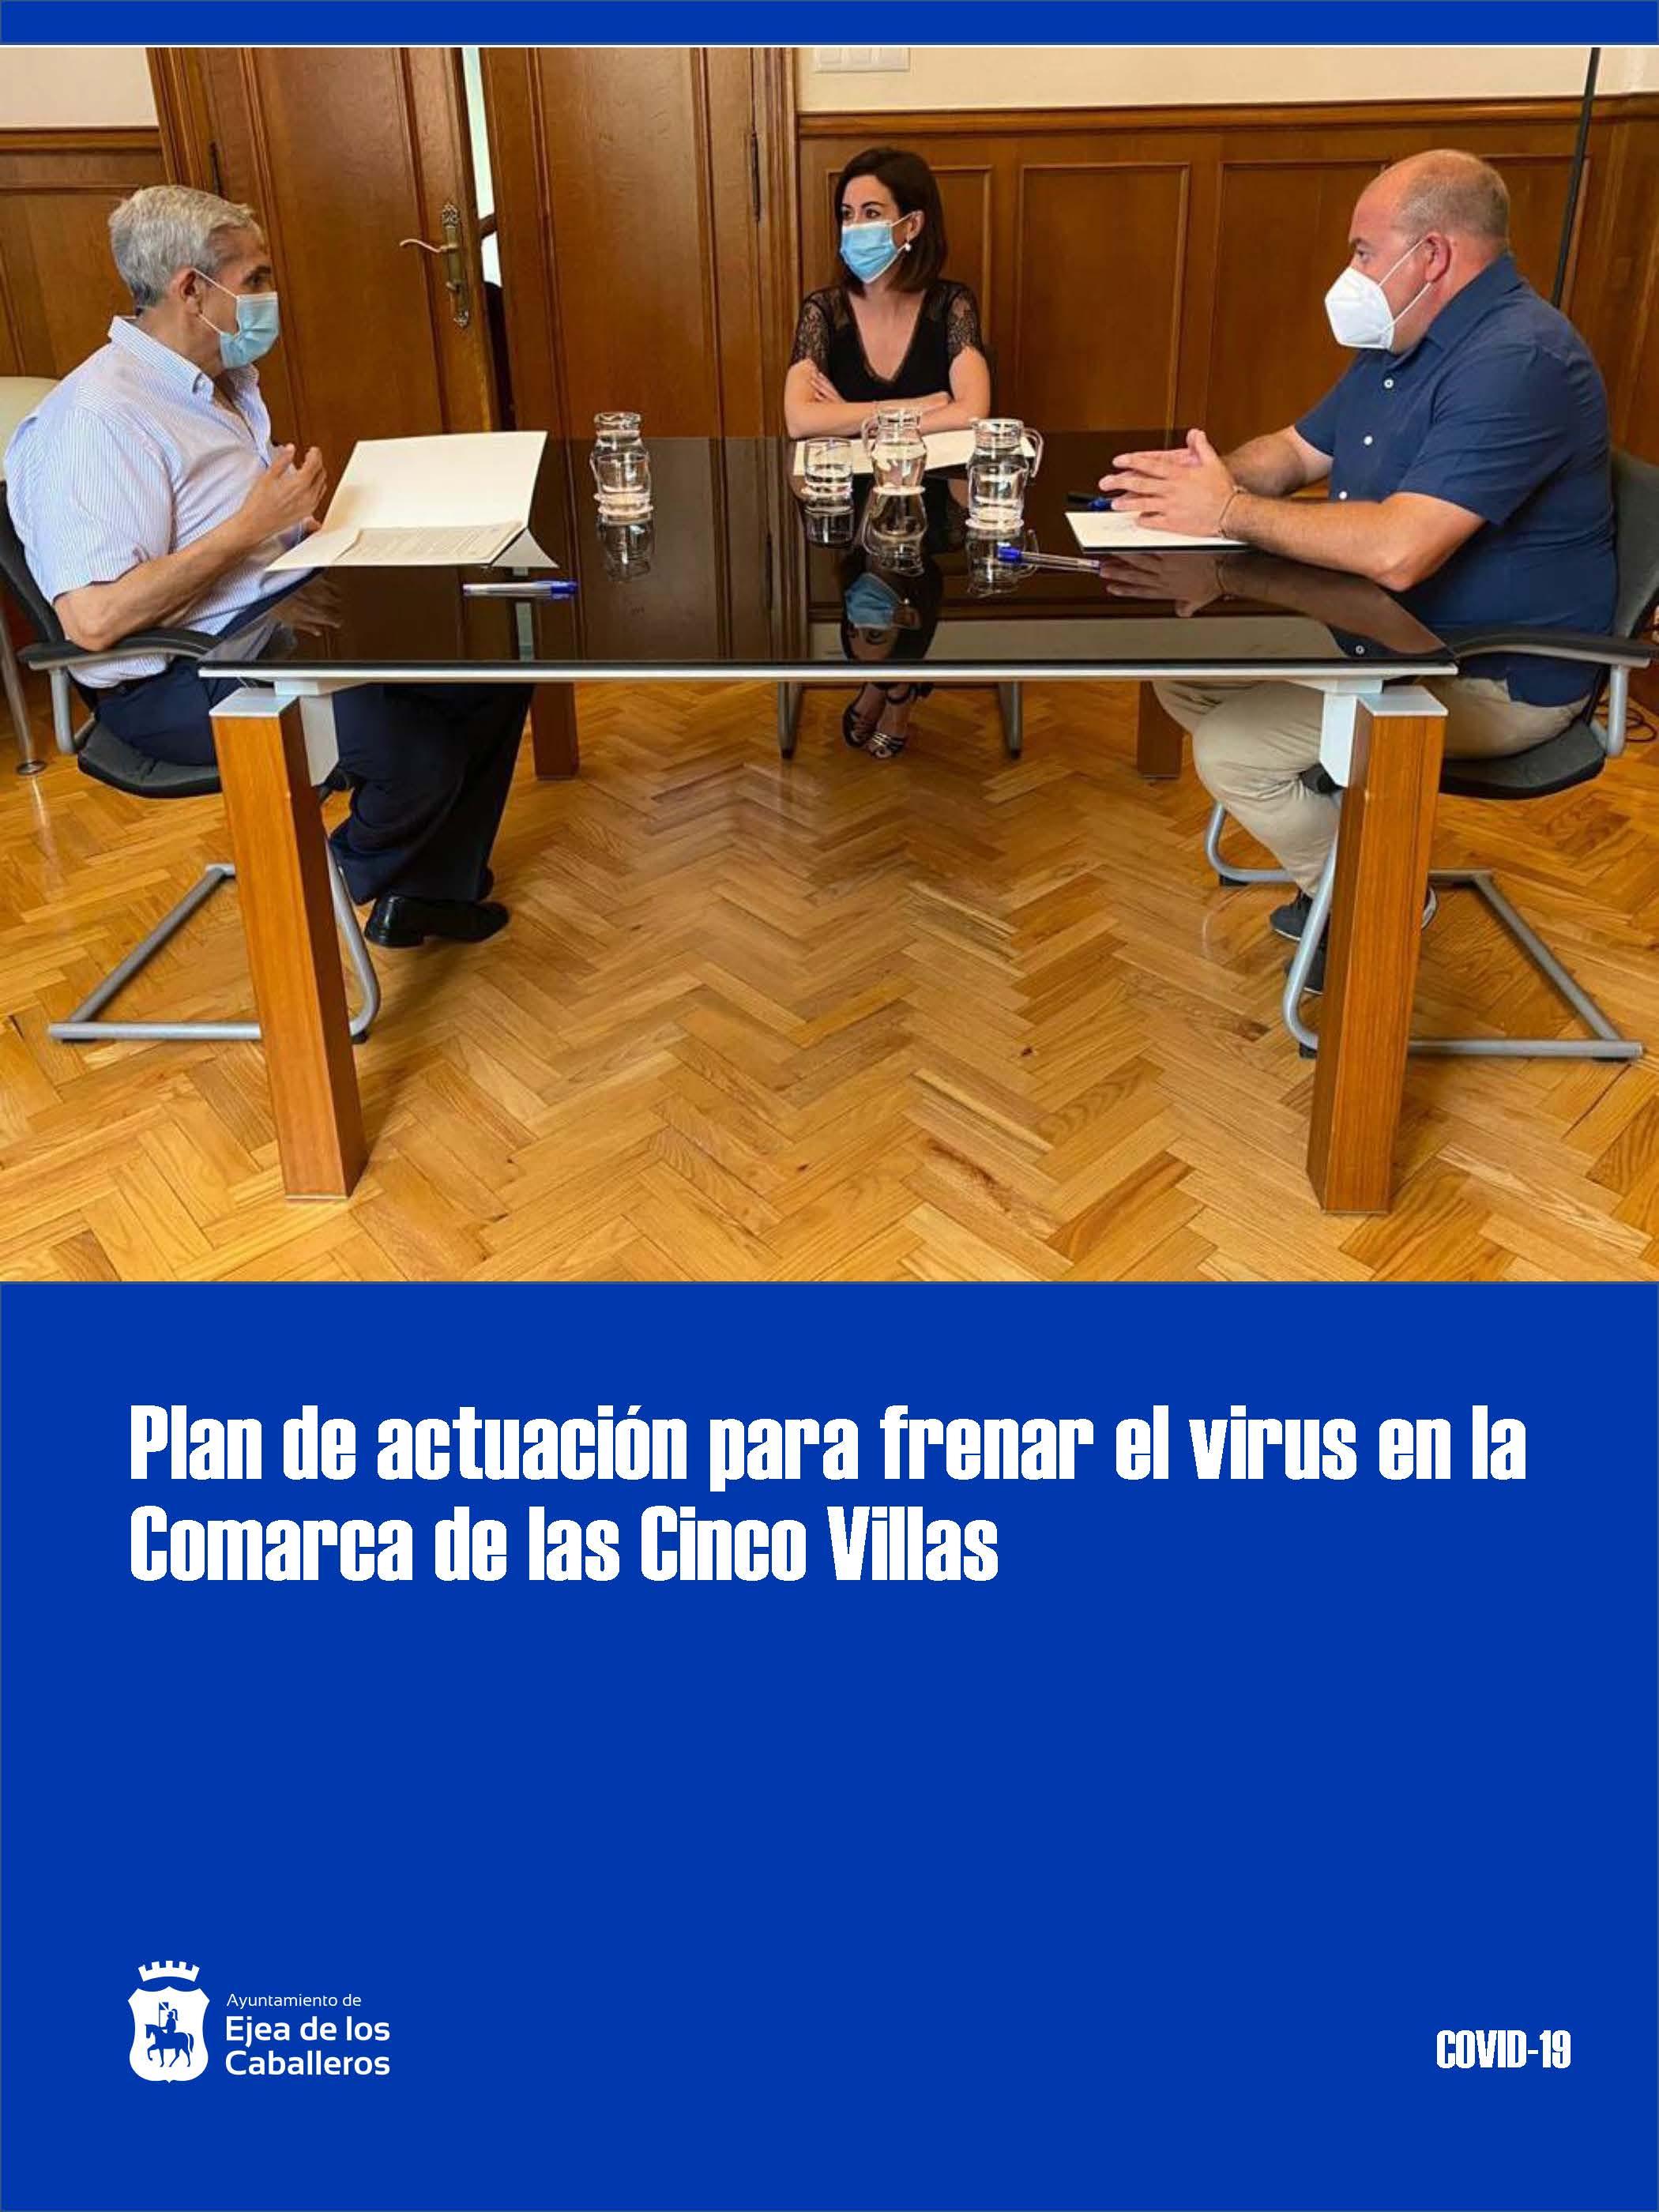 En este momento estás viendo La Comarca de las Cinco Villas lanza un plan de actuación para intentar frenar el virus en sus municipios